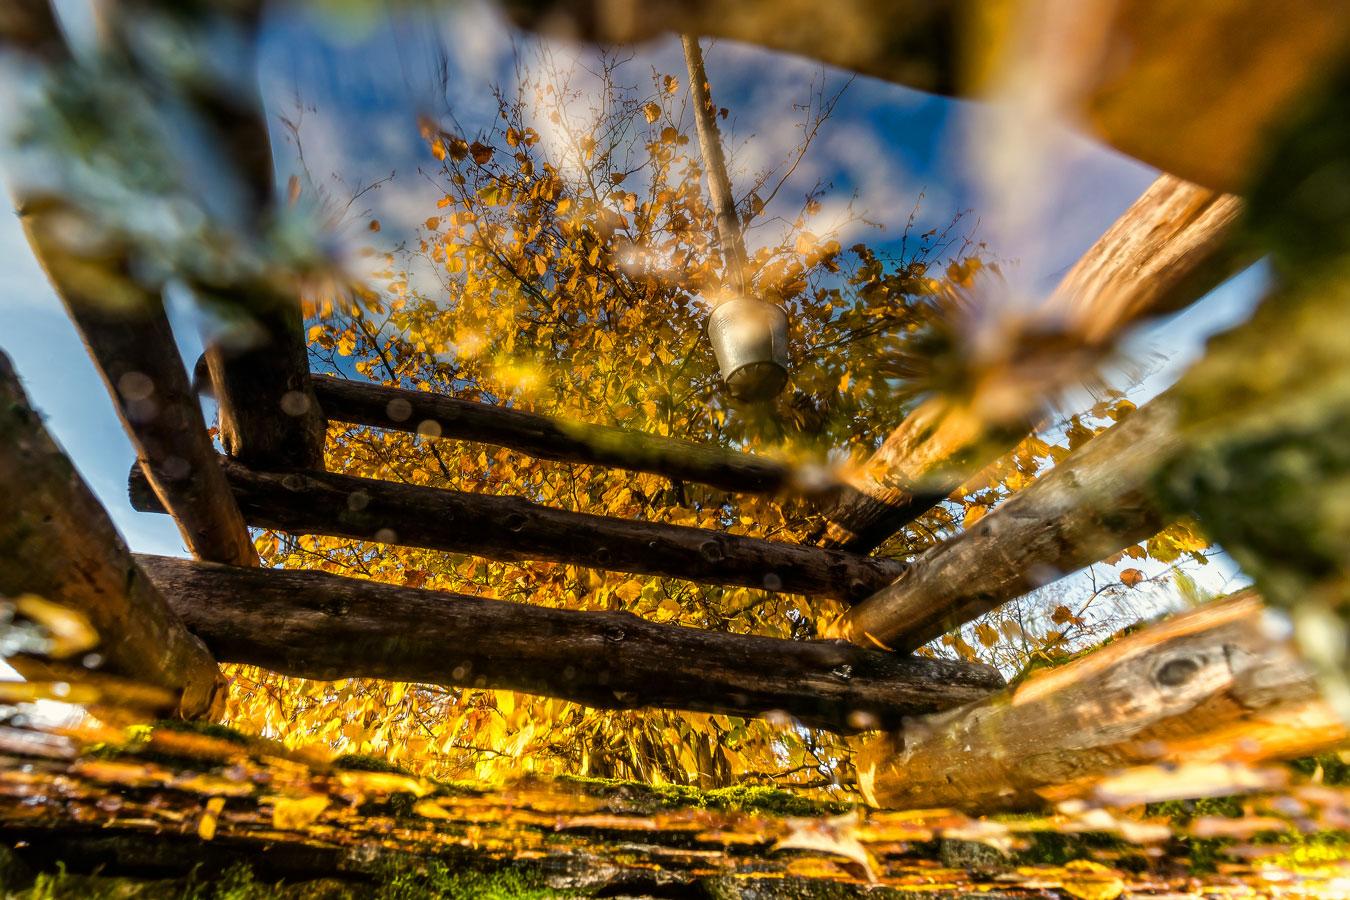 Родниковый колодец, © Маргус Виолисоо, Фотоконкурс «Священные природные места»